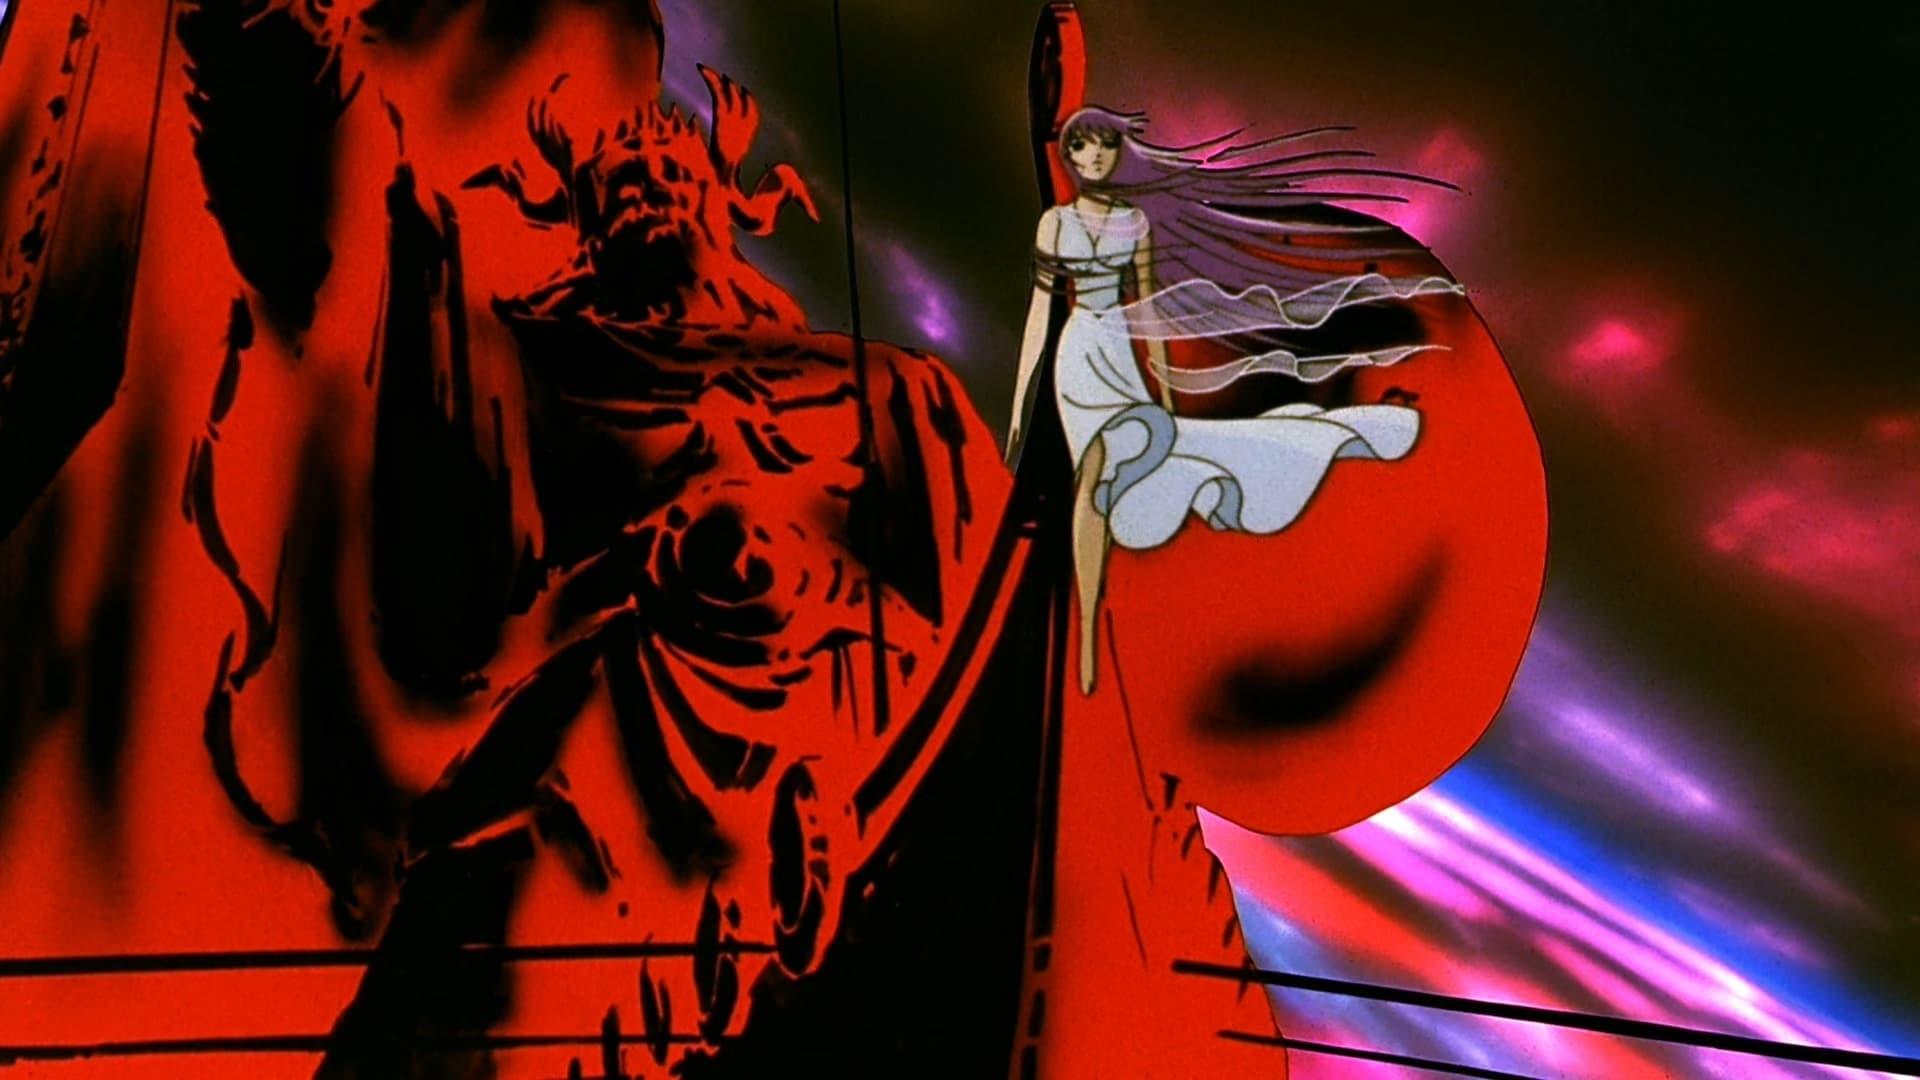 Los Caballeros del Zodíaco y la gran batalla de los dioses